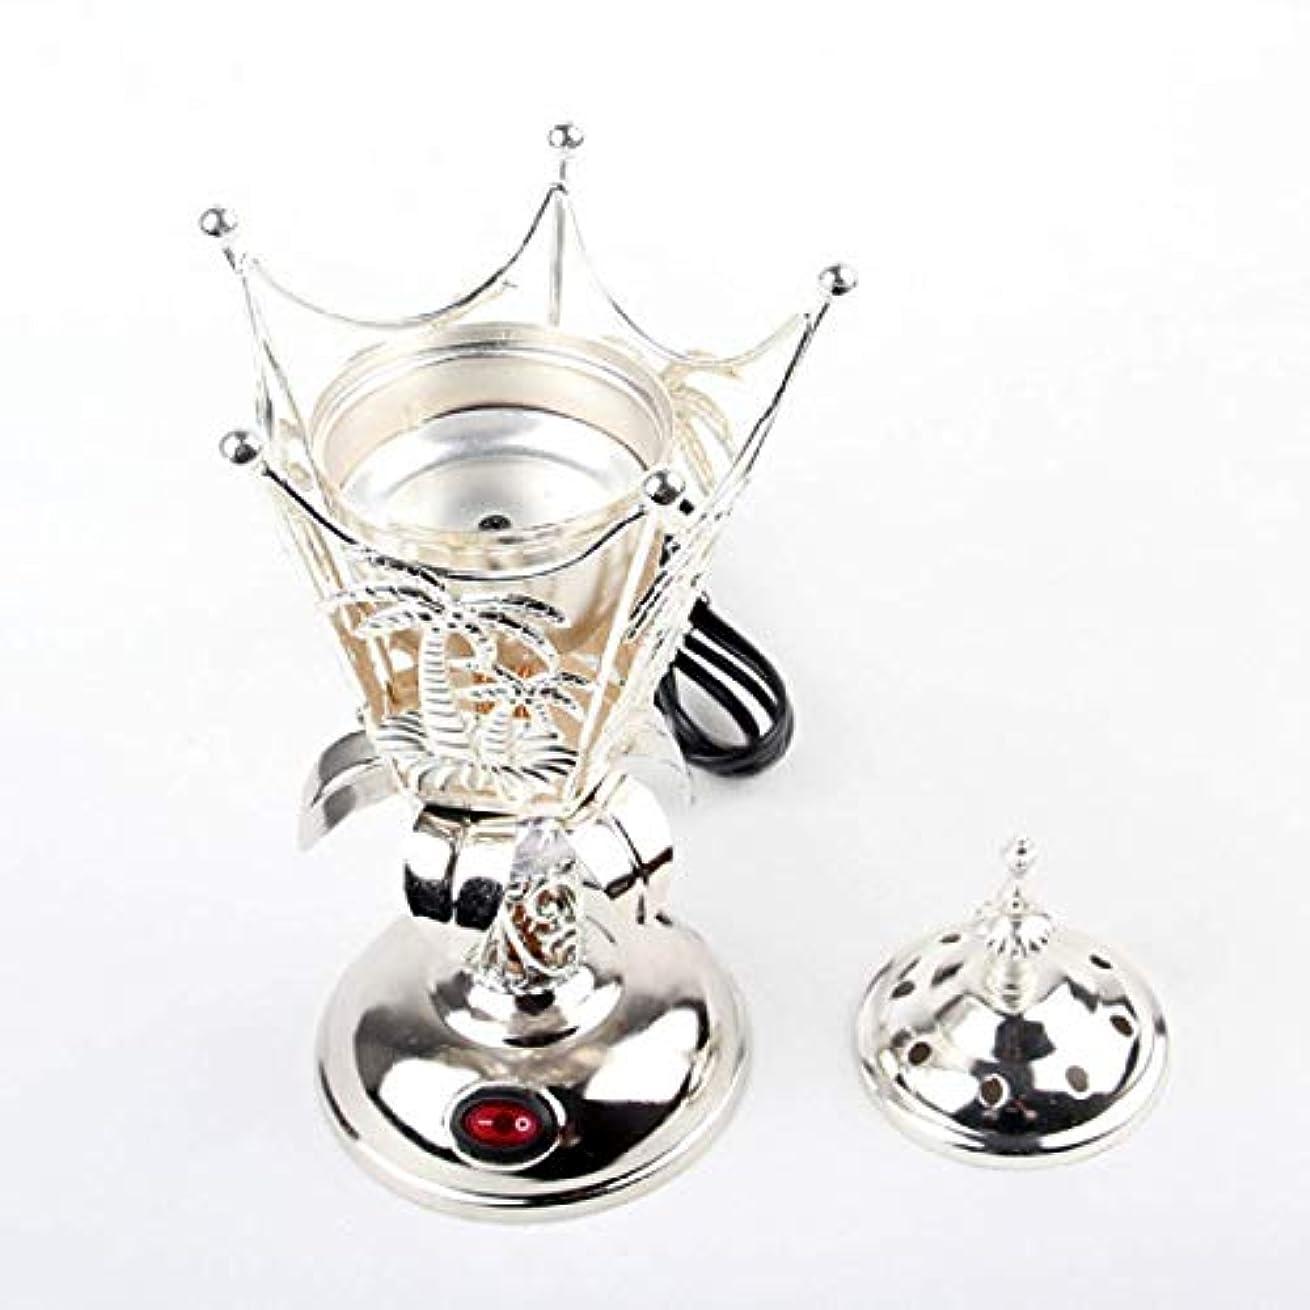 プレミアム複製する翻訳者OMG-Deal Electric Bakhoor Burner Electric Incense Burner +Camphor- Oud Resin Frankincense Camphor Positive Energy...